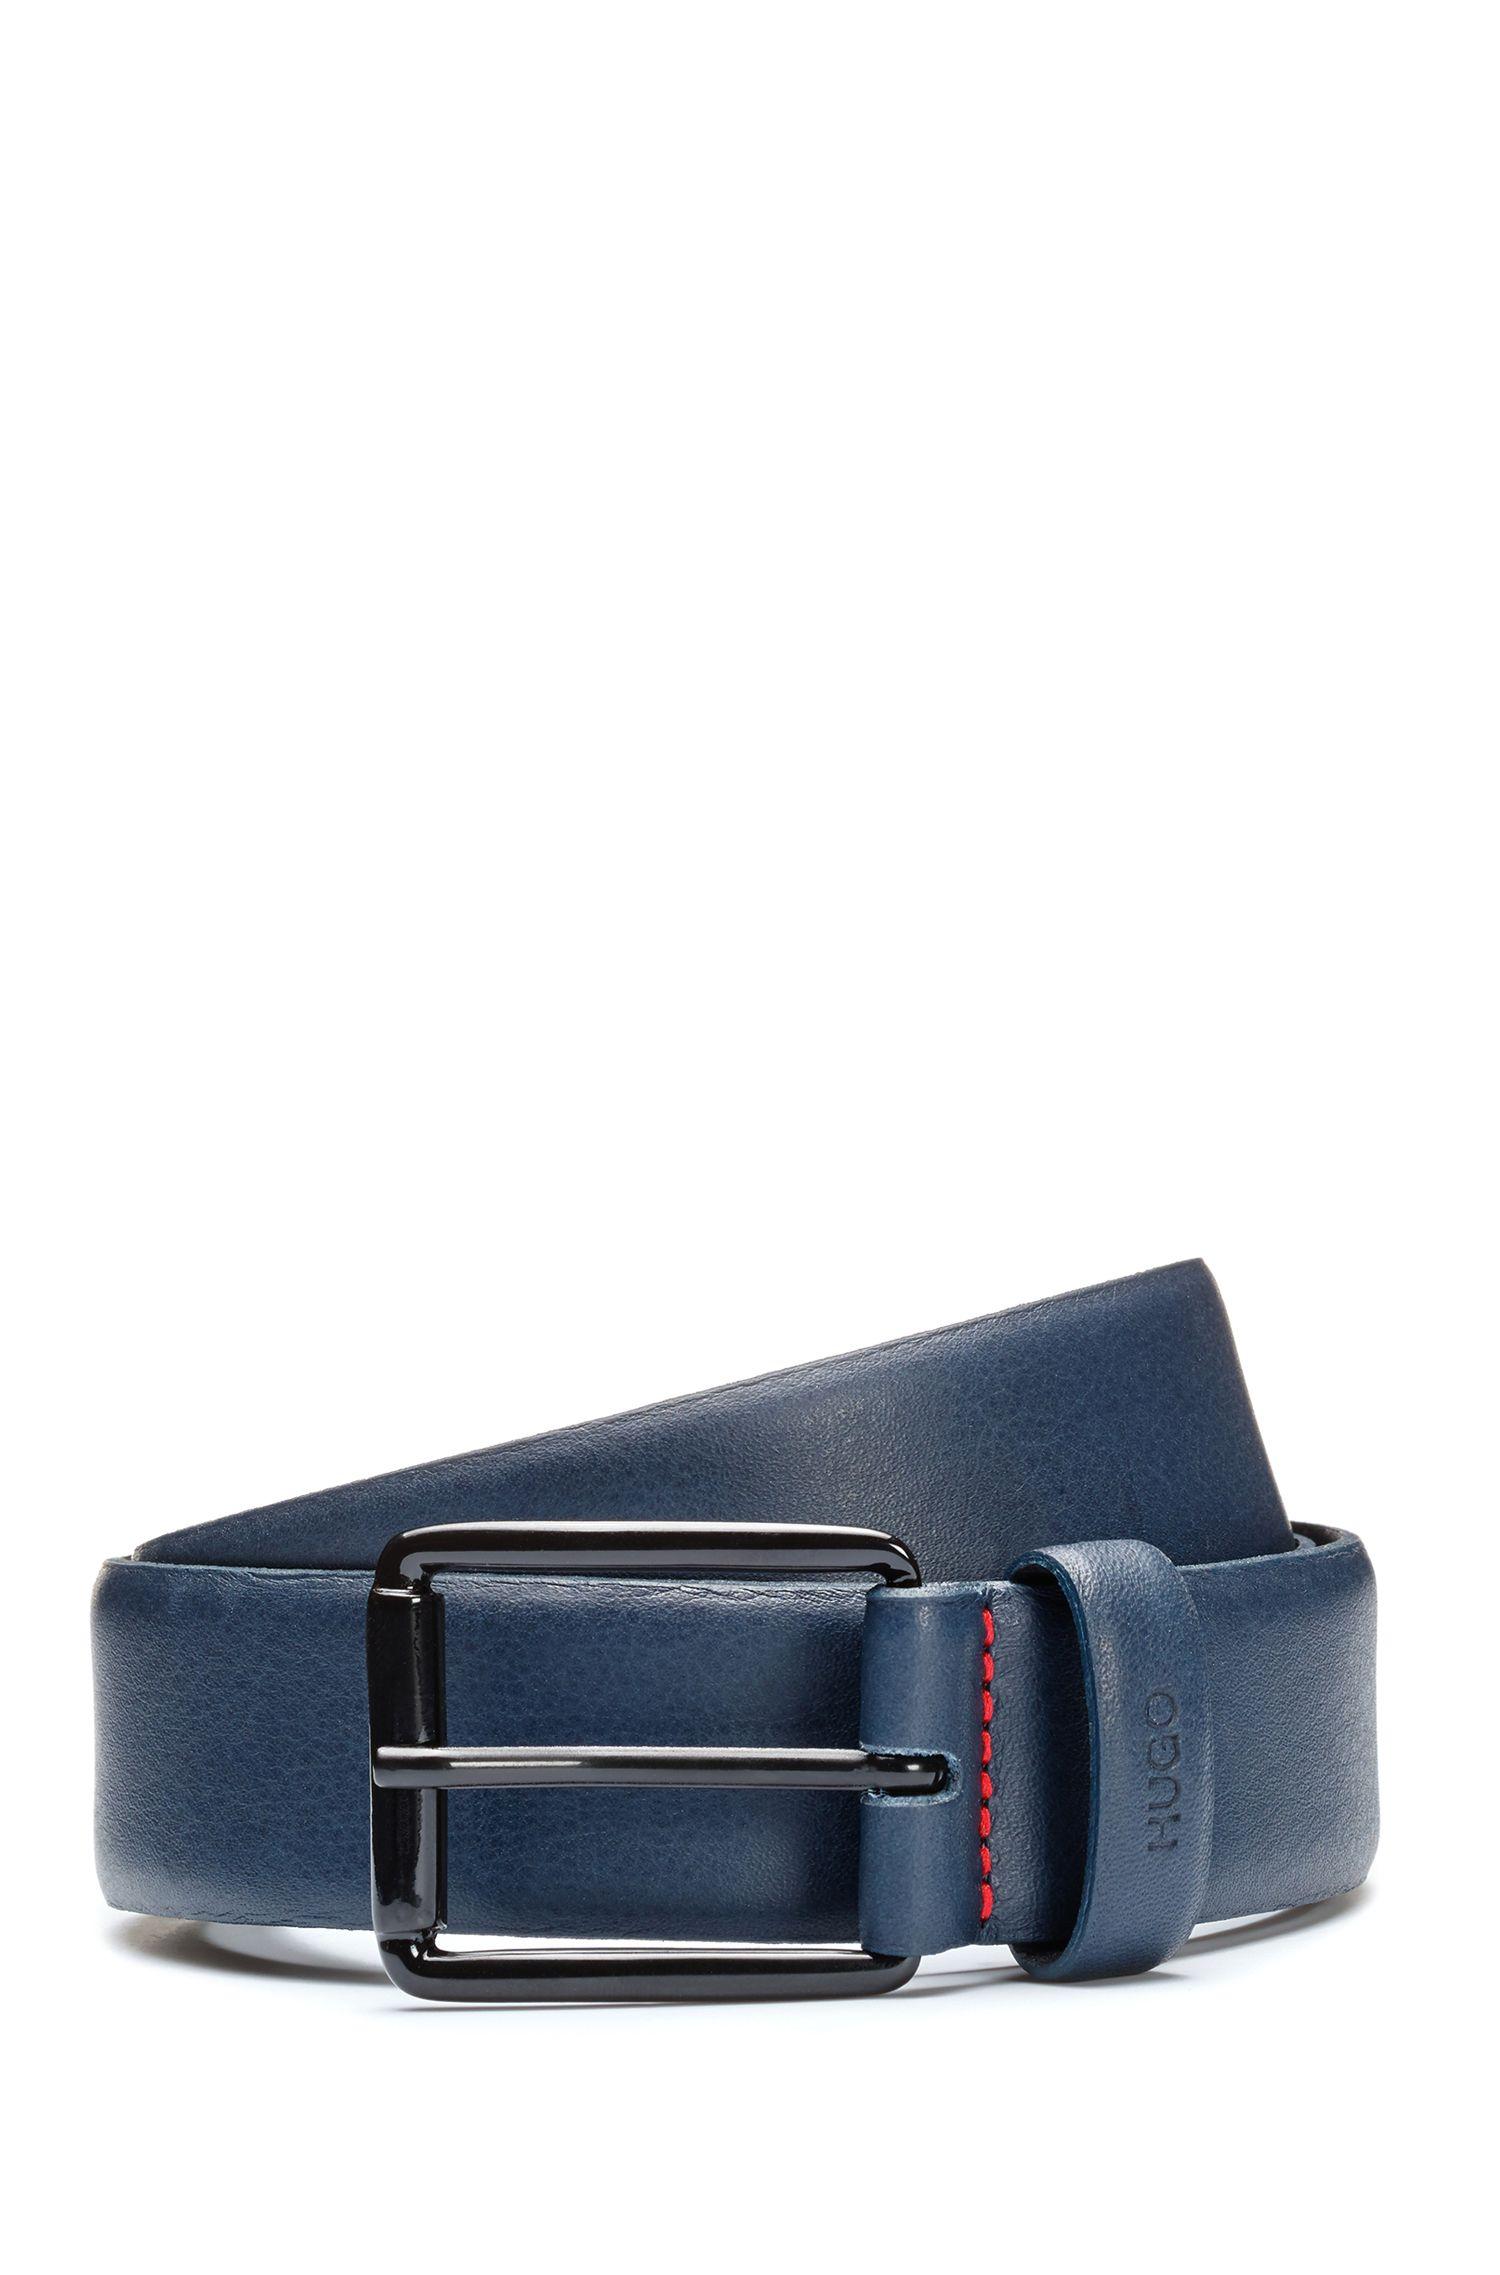 Leather belt with black varnished buckle